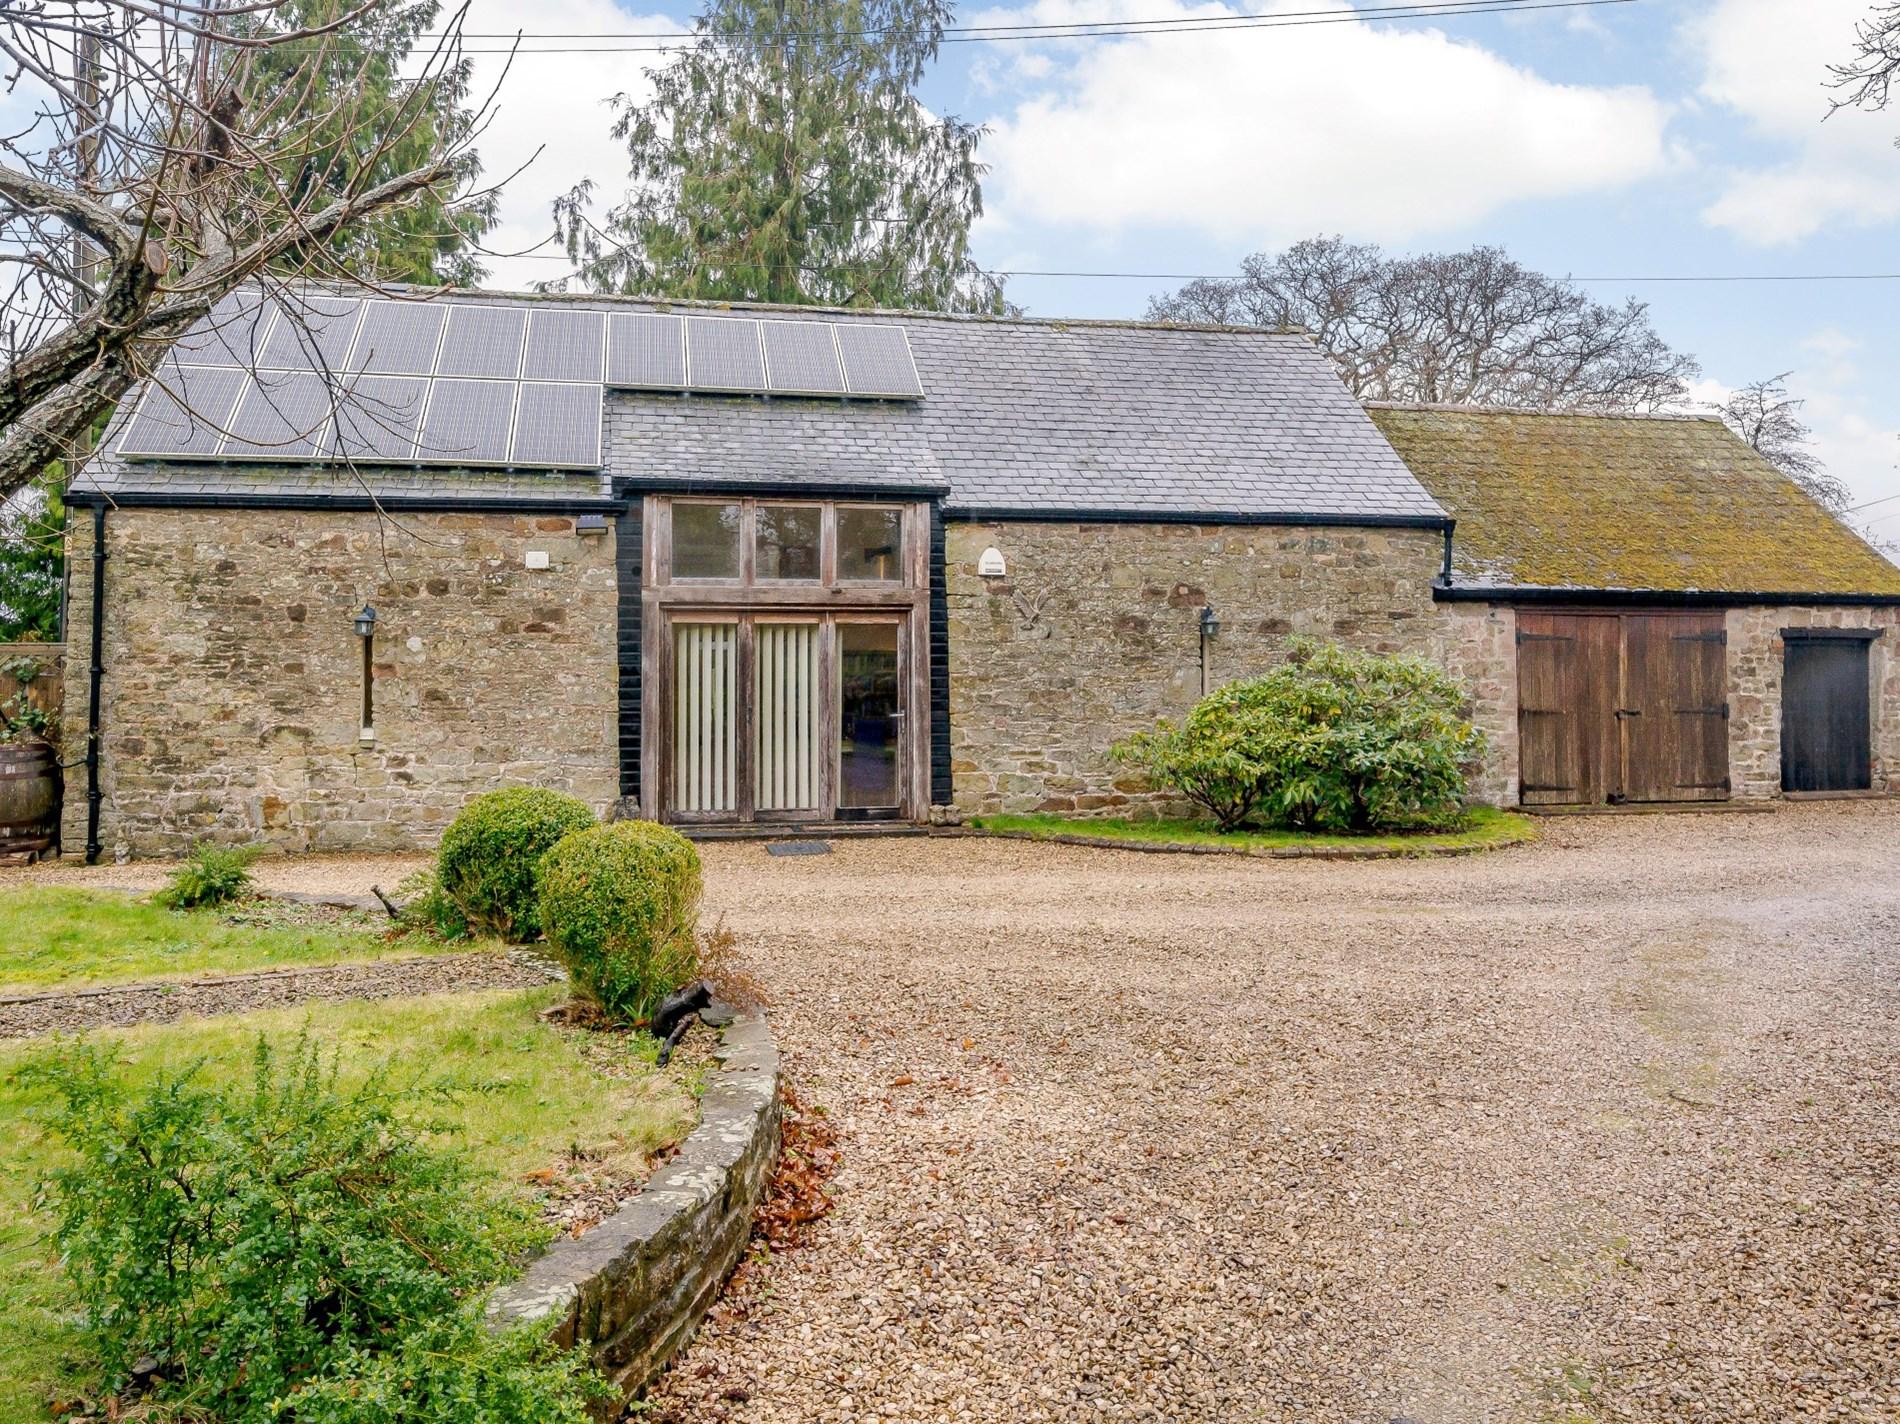 Ferienhaus in Coleford